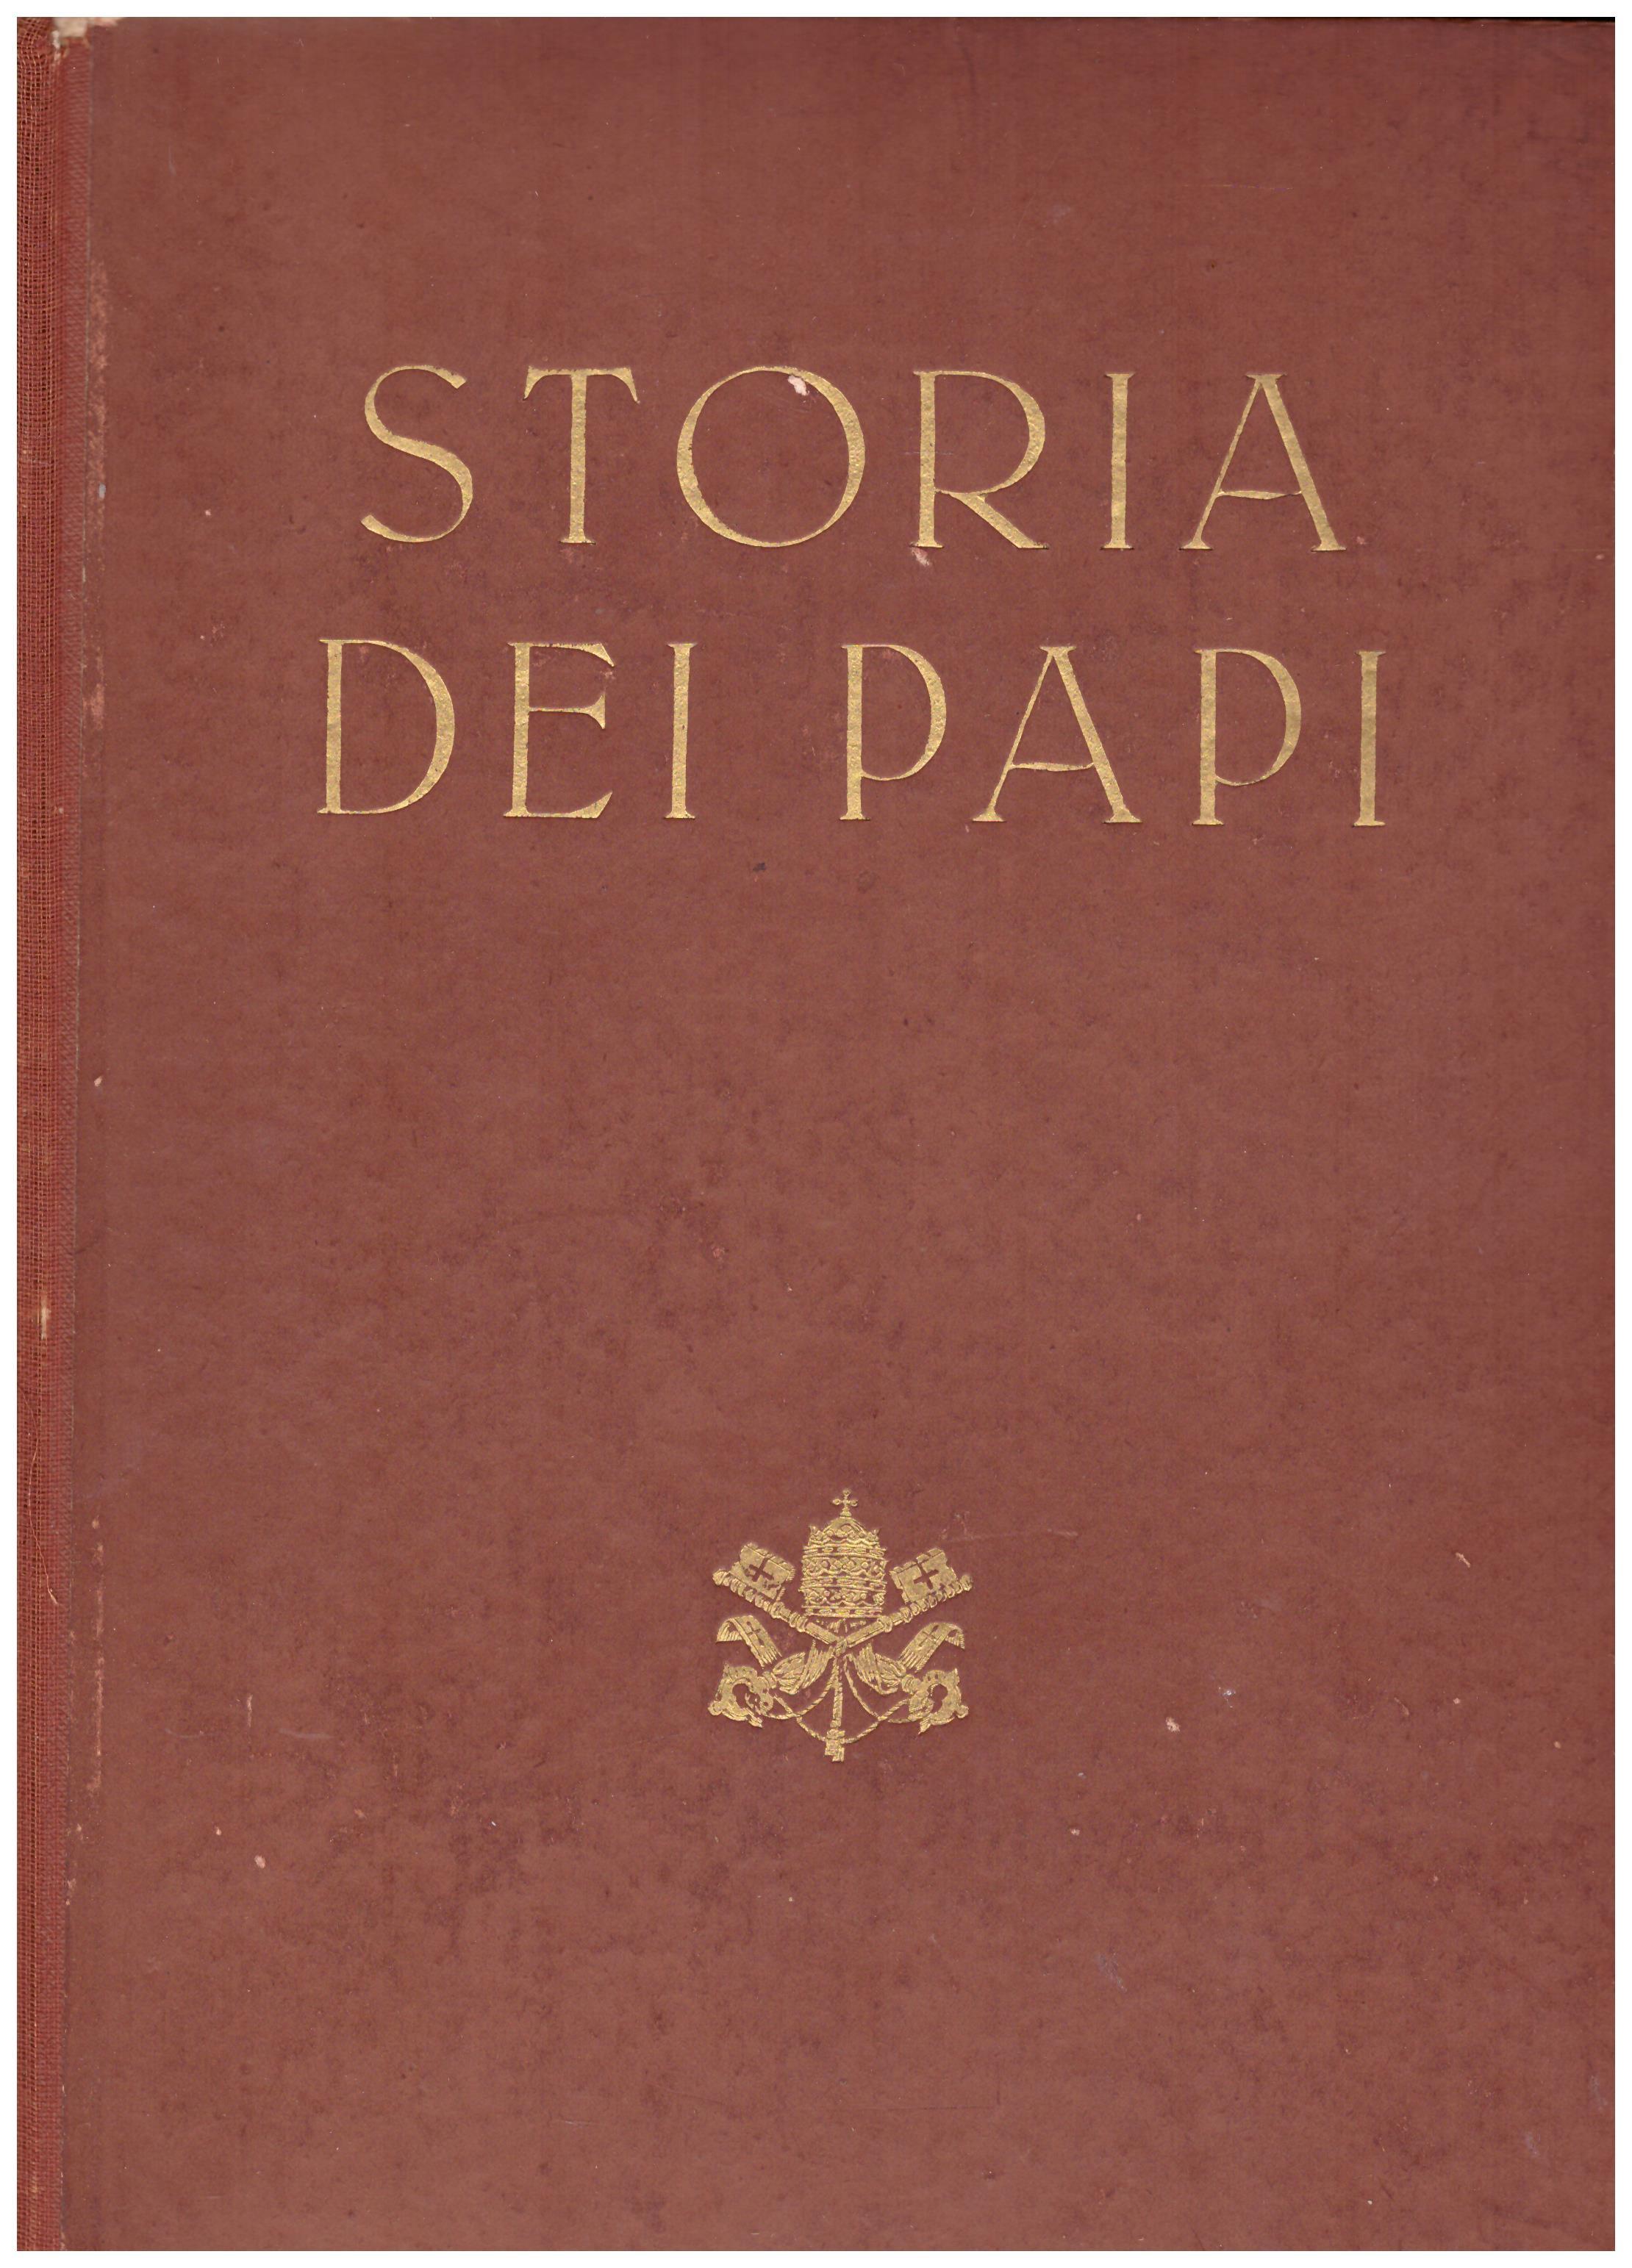 Titolo: Storia dei Papi in 2 volumi  Autore: Carlo Castiglioni  Editore: editrice torinese, 1945